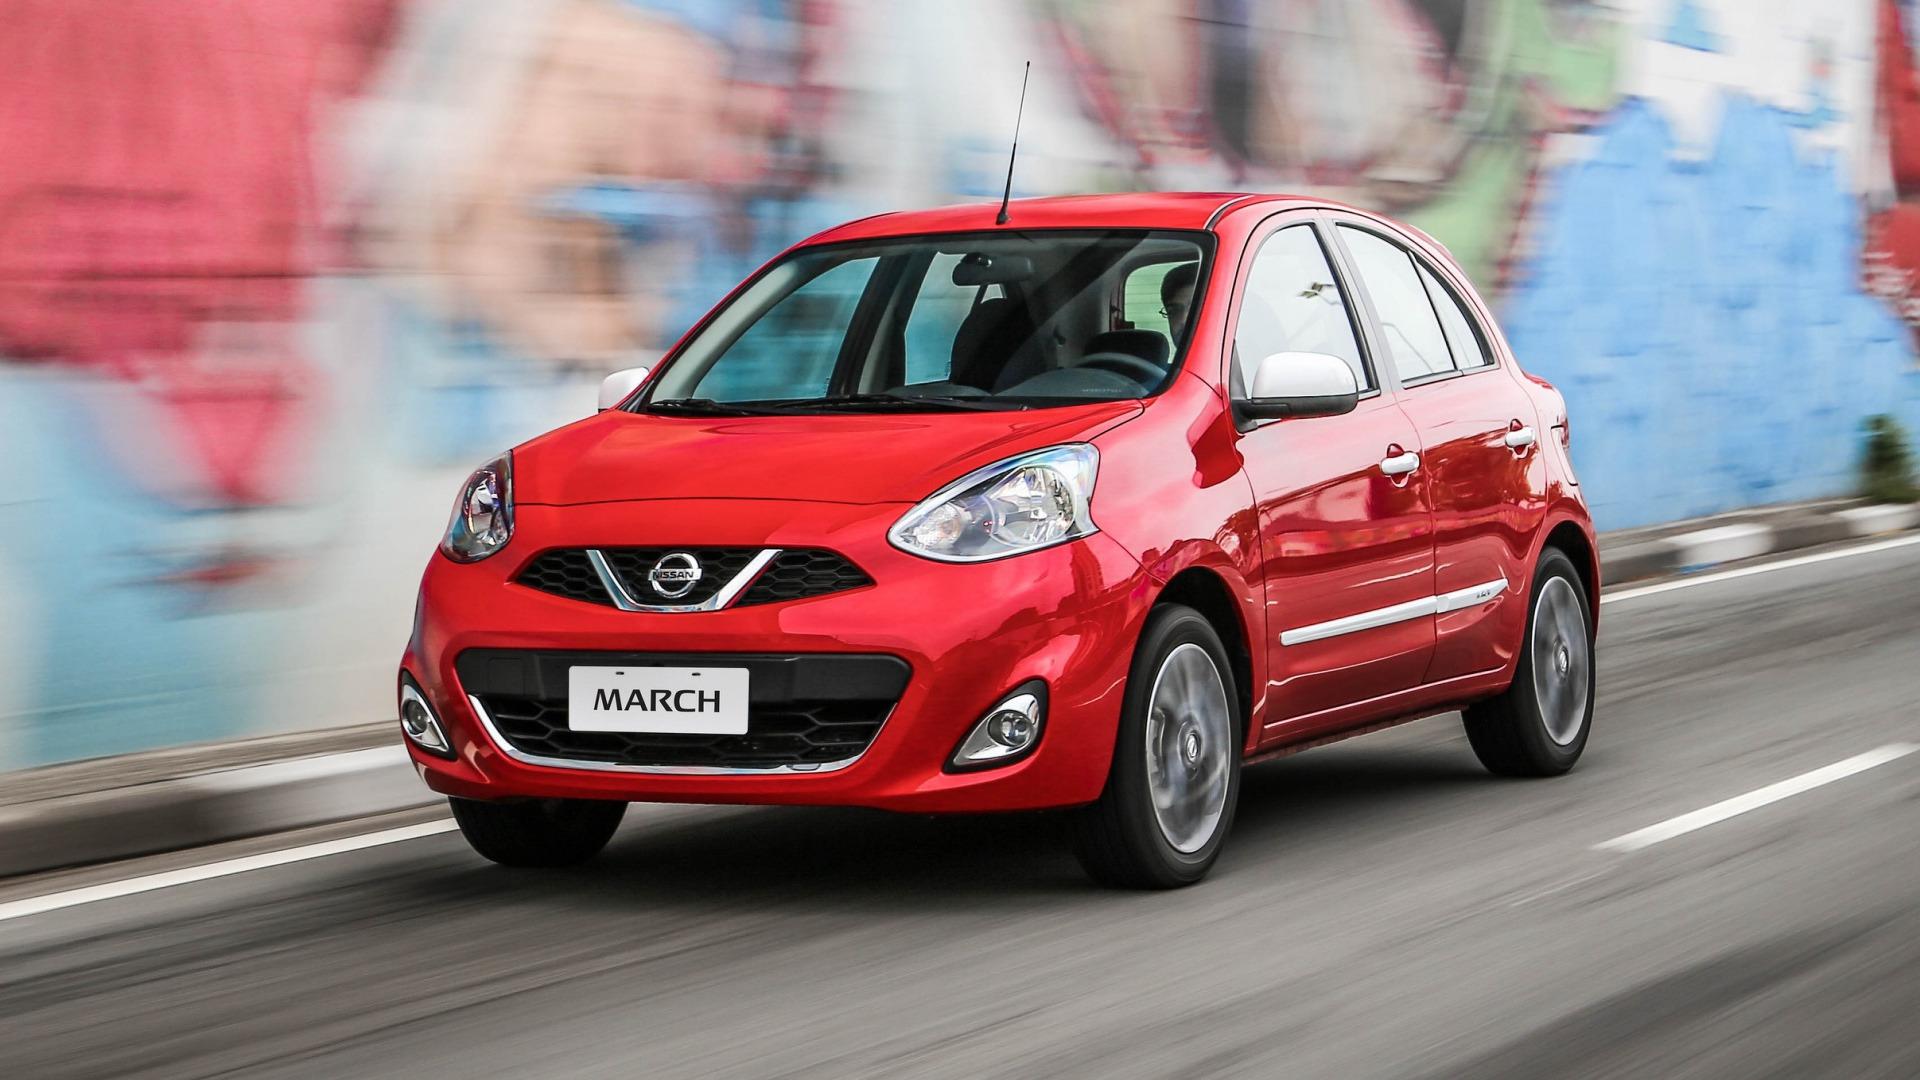 Nissan March e Versa nacionais terão nova geração em 3 anos Nissan-march-e-versa